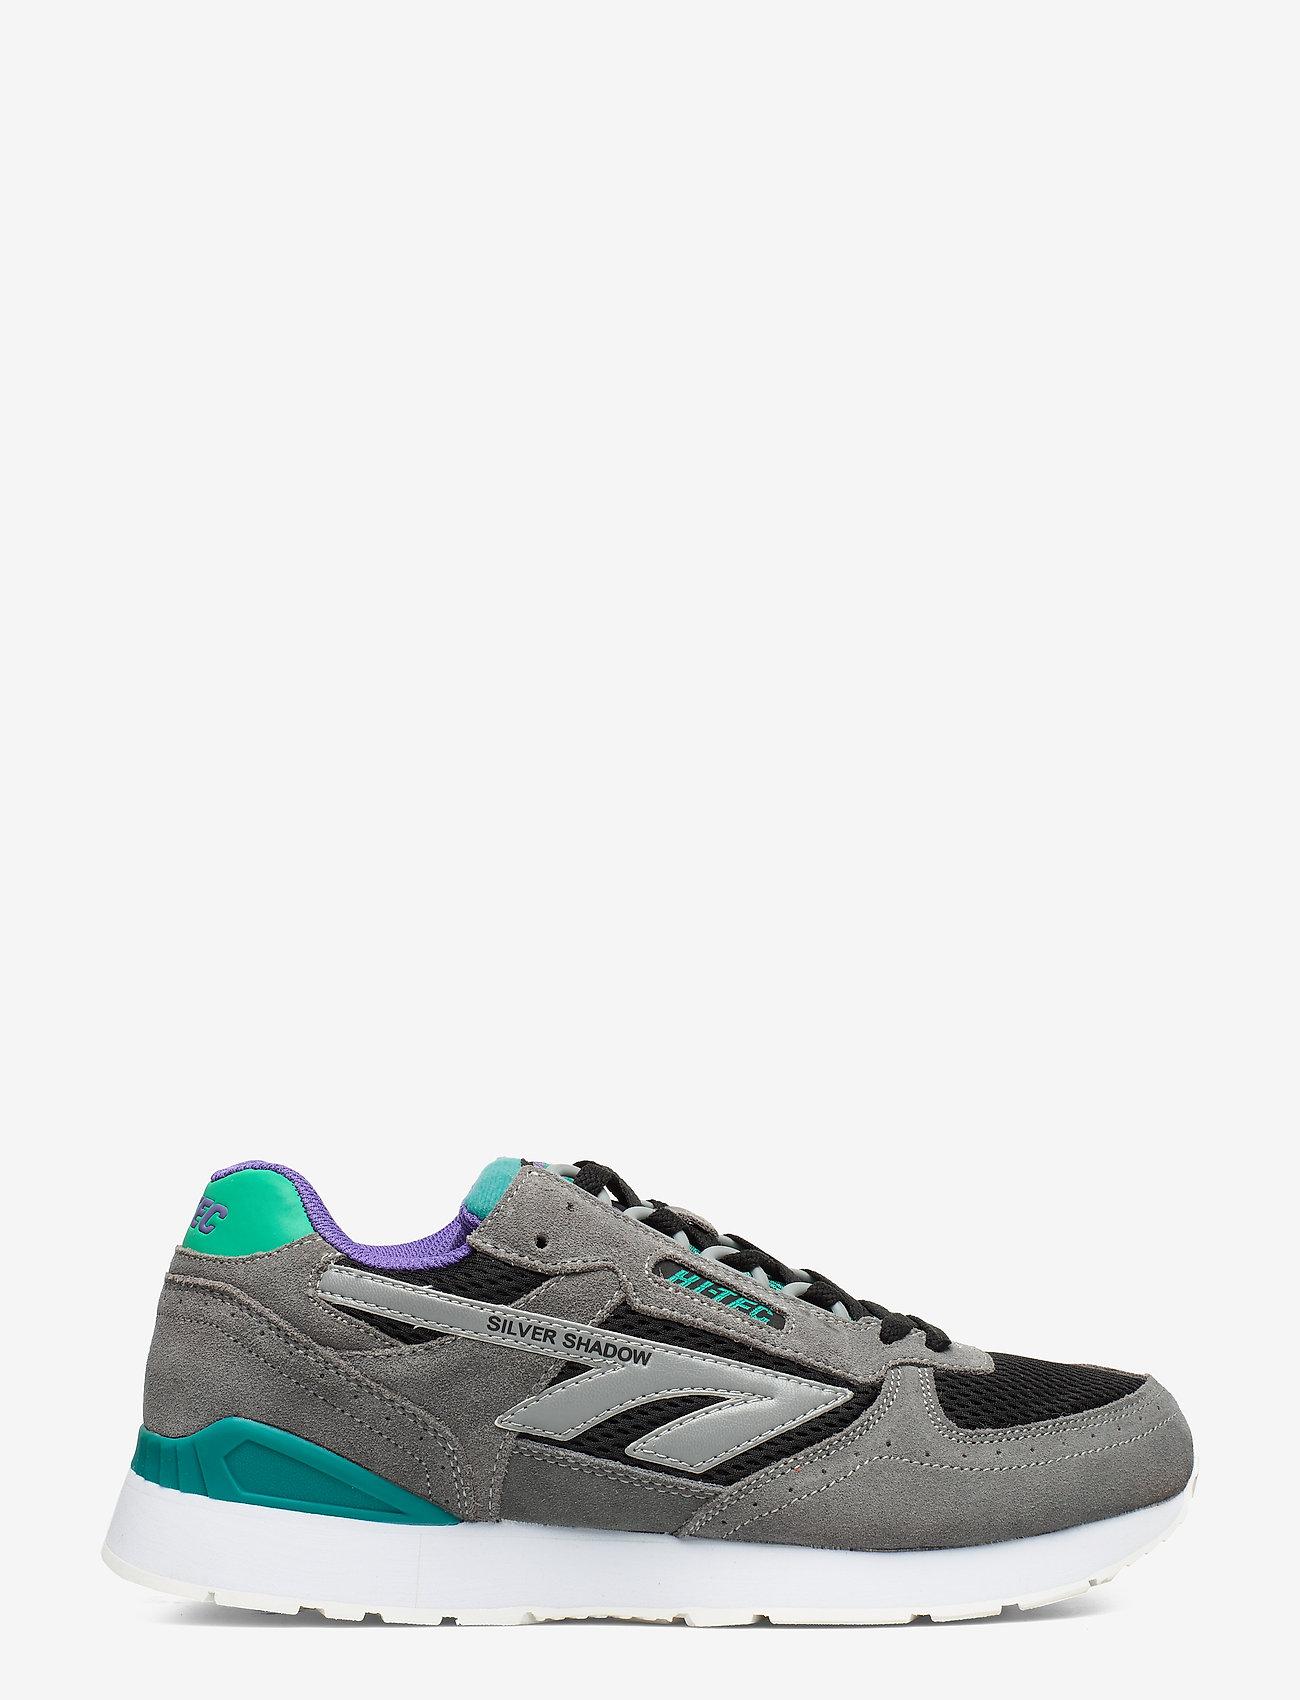 Hi-Tec HT SILVER SHADOW FROST GREY/TEAL/PURPLE - Sneaker GREY/TEAL/PURPLE - Schuhe Billige